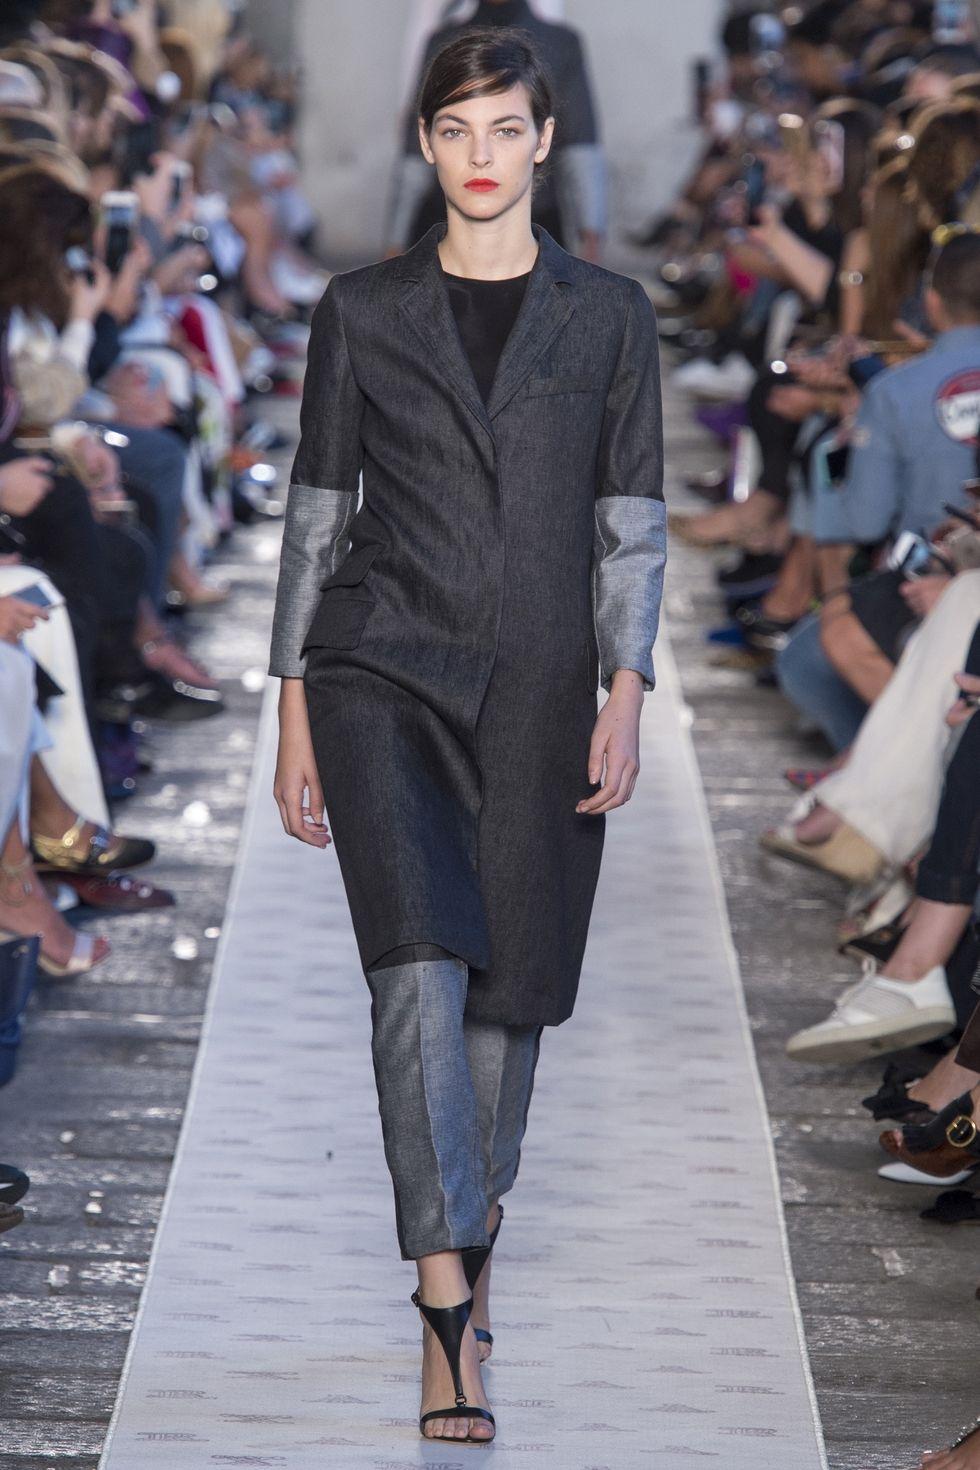 Одежда из денима - тренд весны 2018. Модный тренч от Max Mara